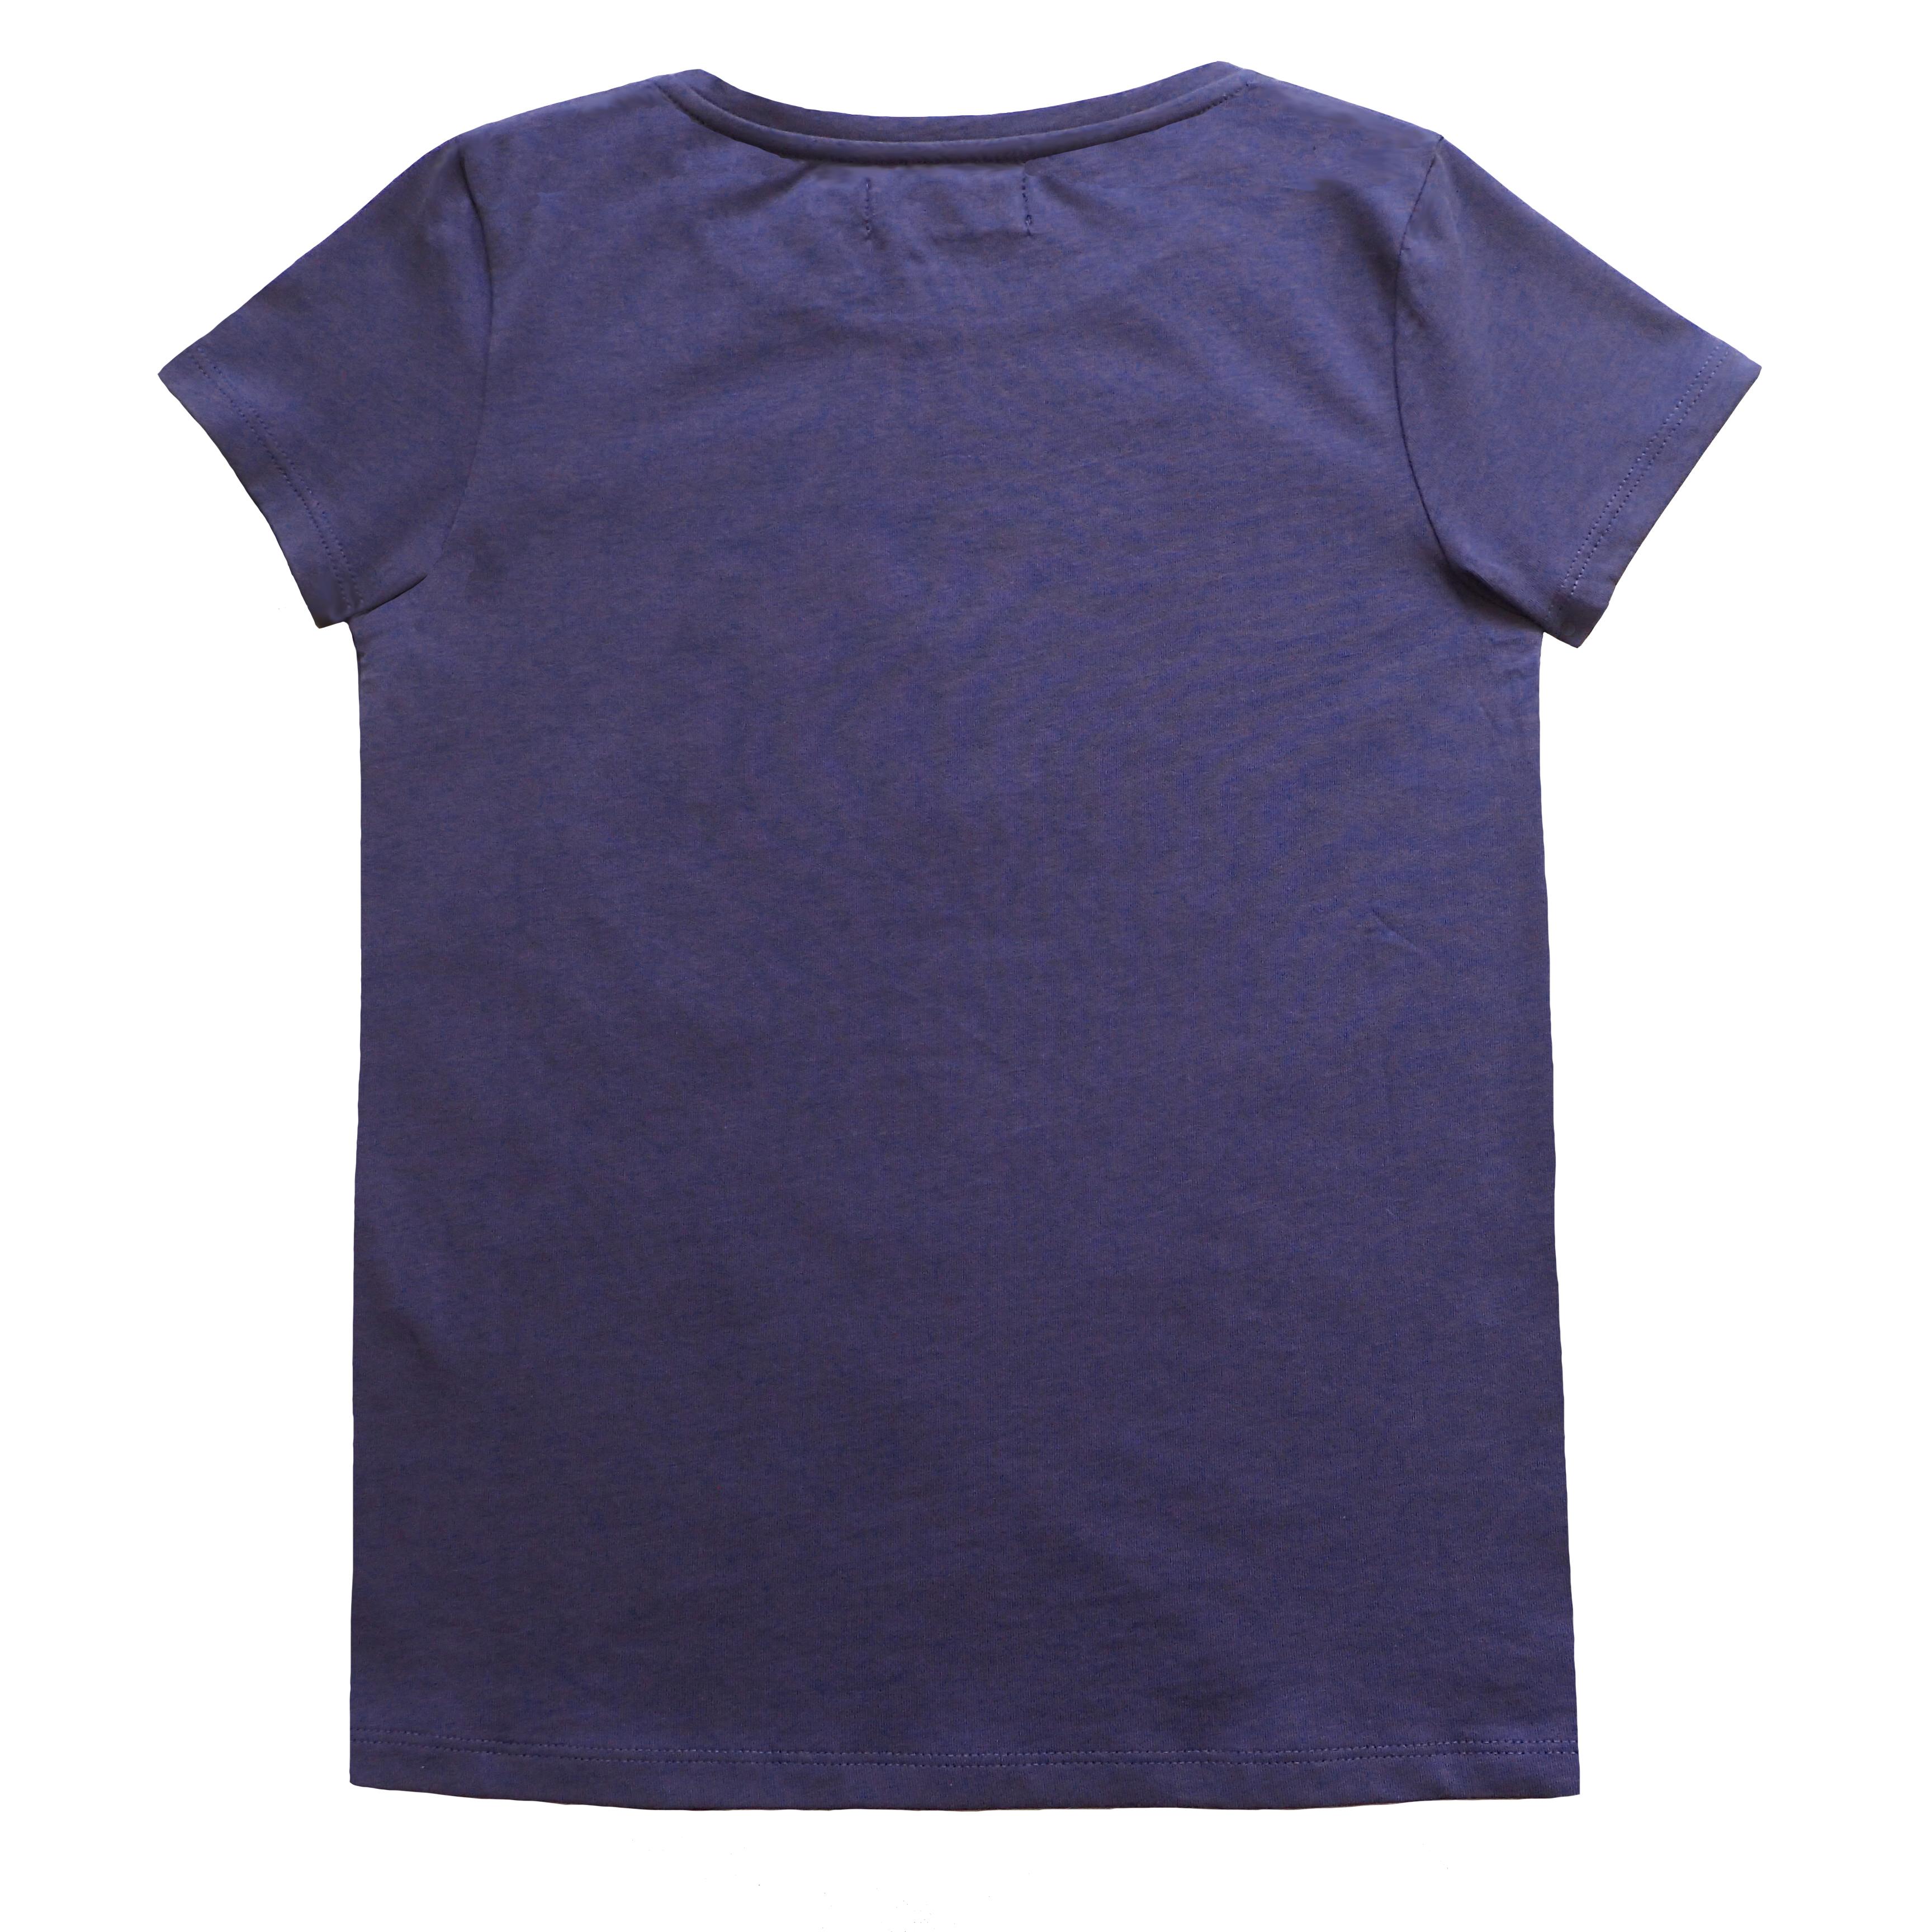 Pige T-shirt med broderi